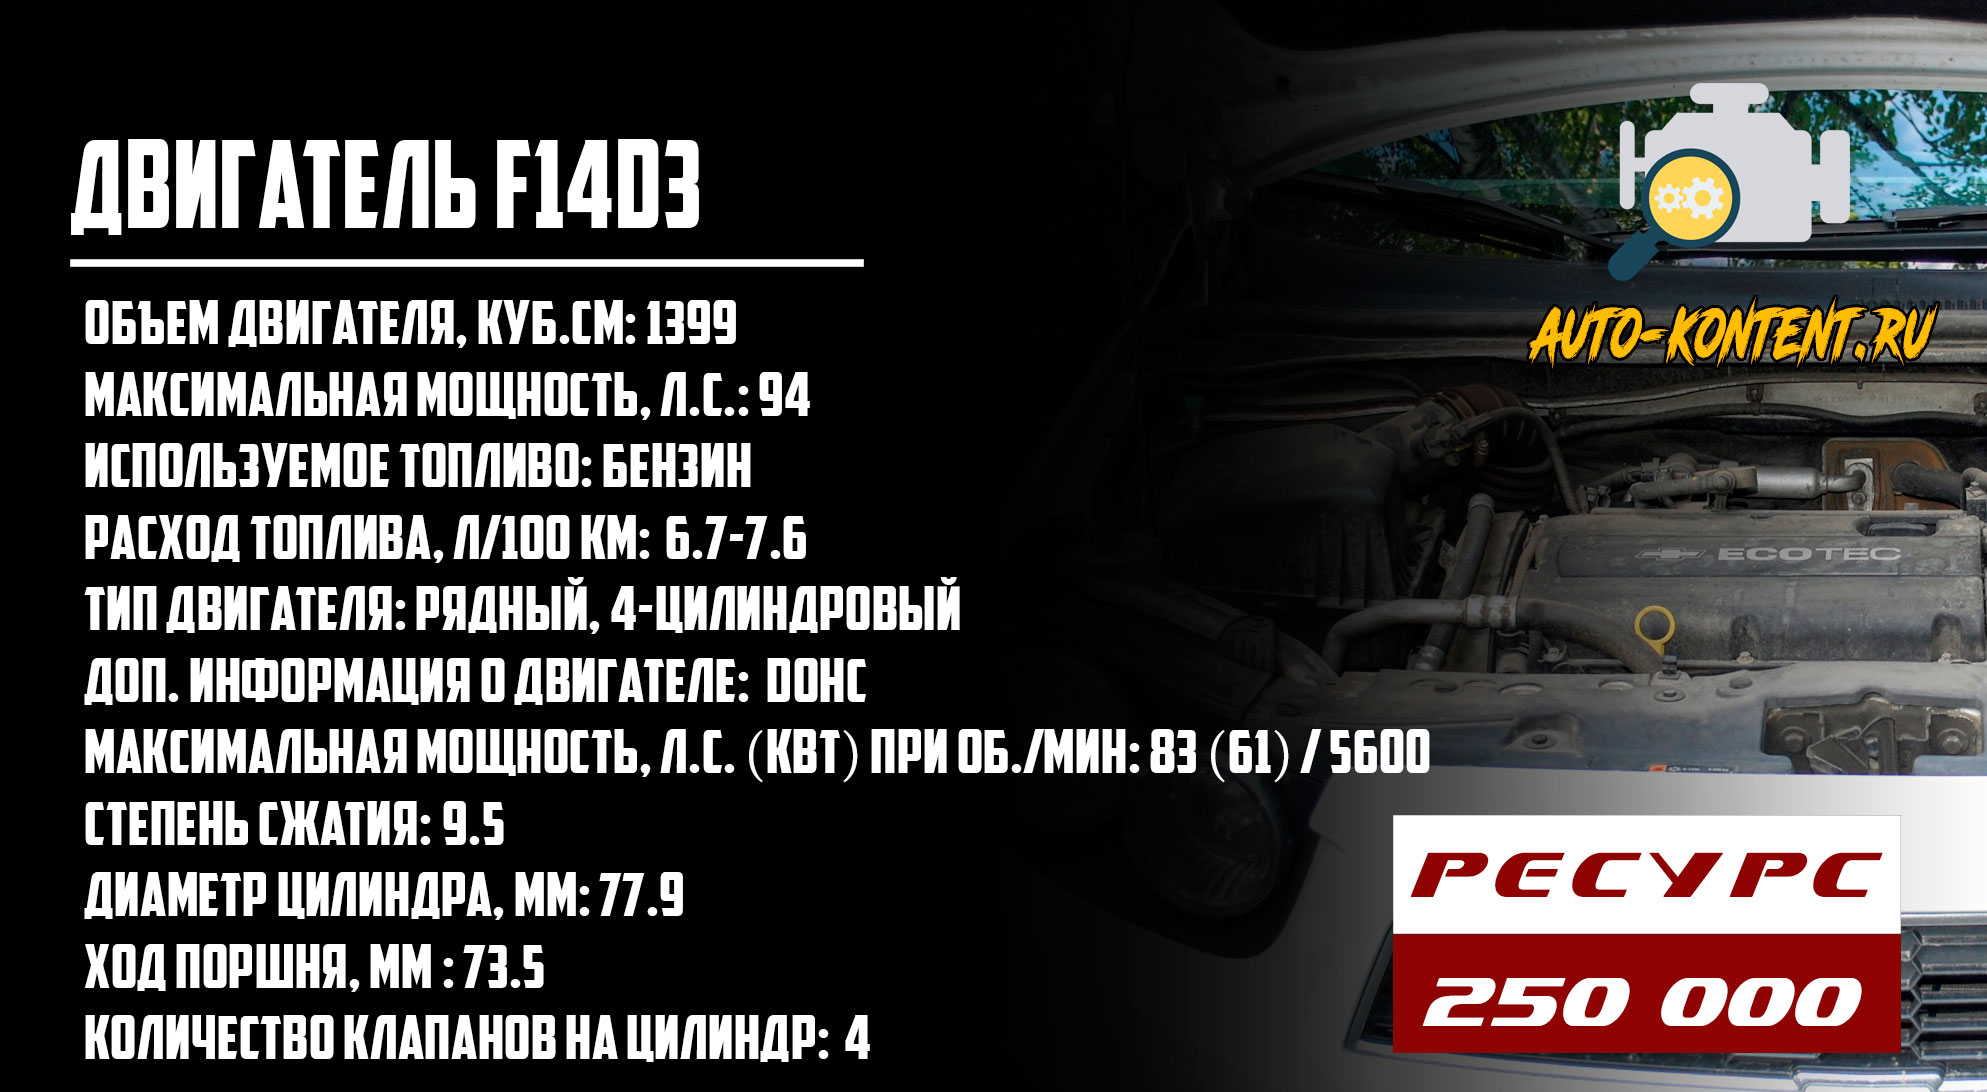 F14D3